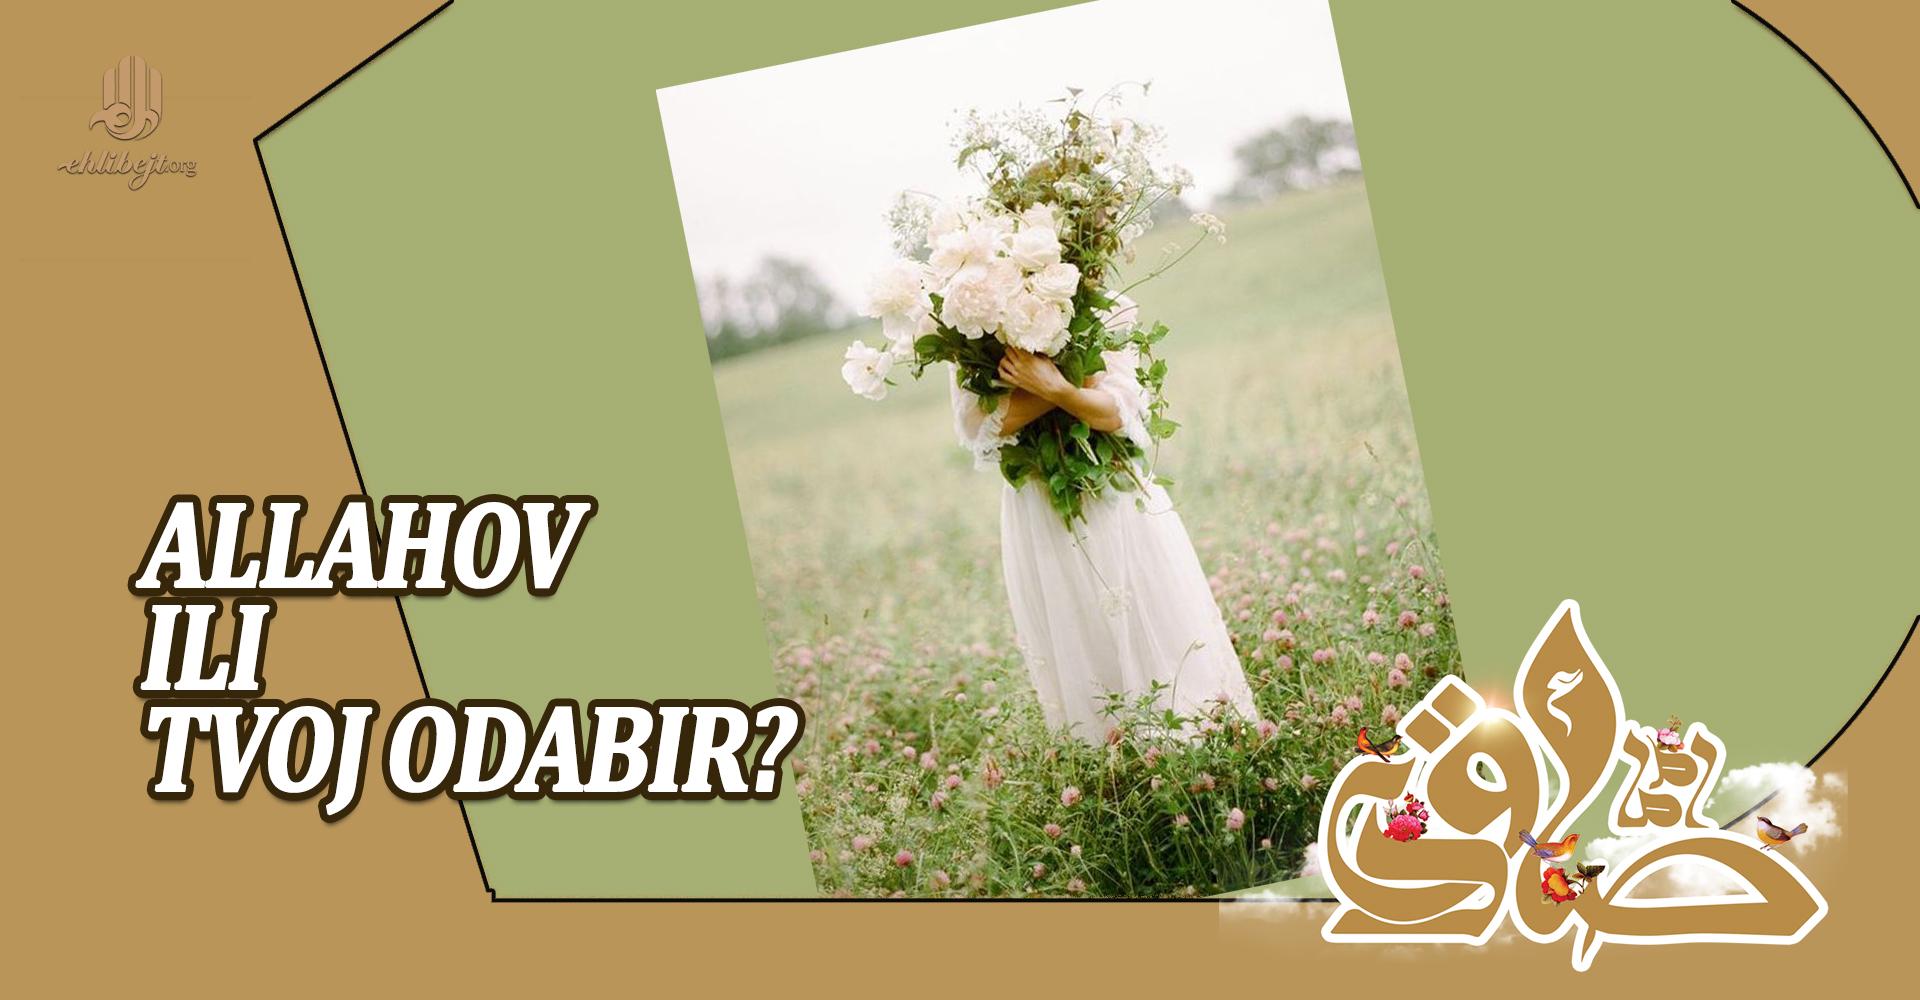 Allahov ili tvoj odabir?